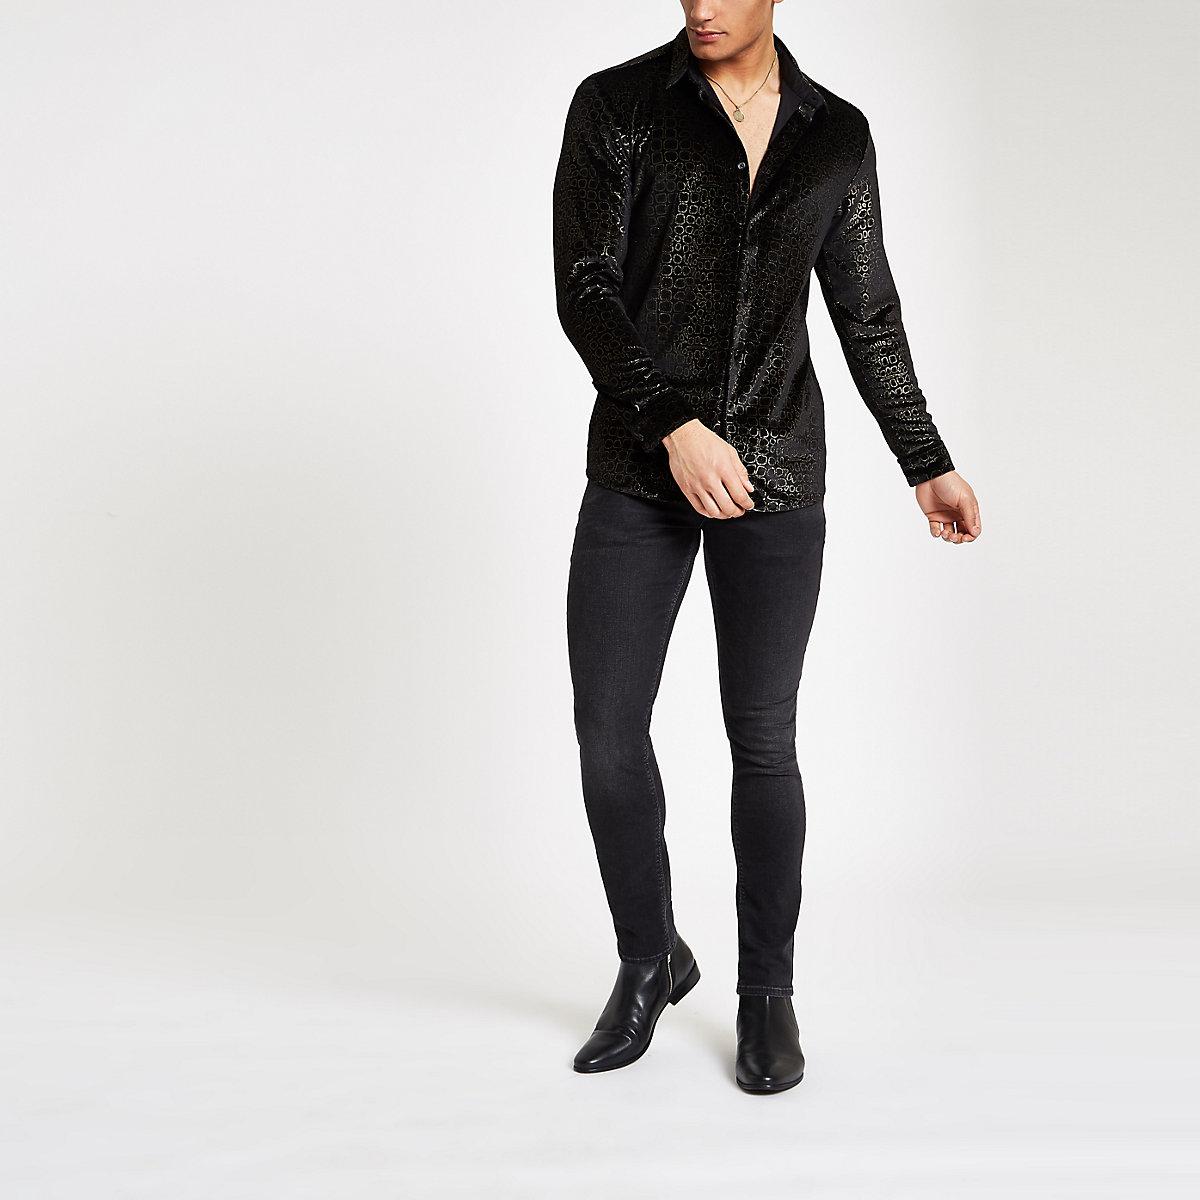 Jaded black velvet croc shirt